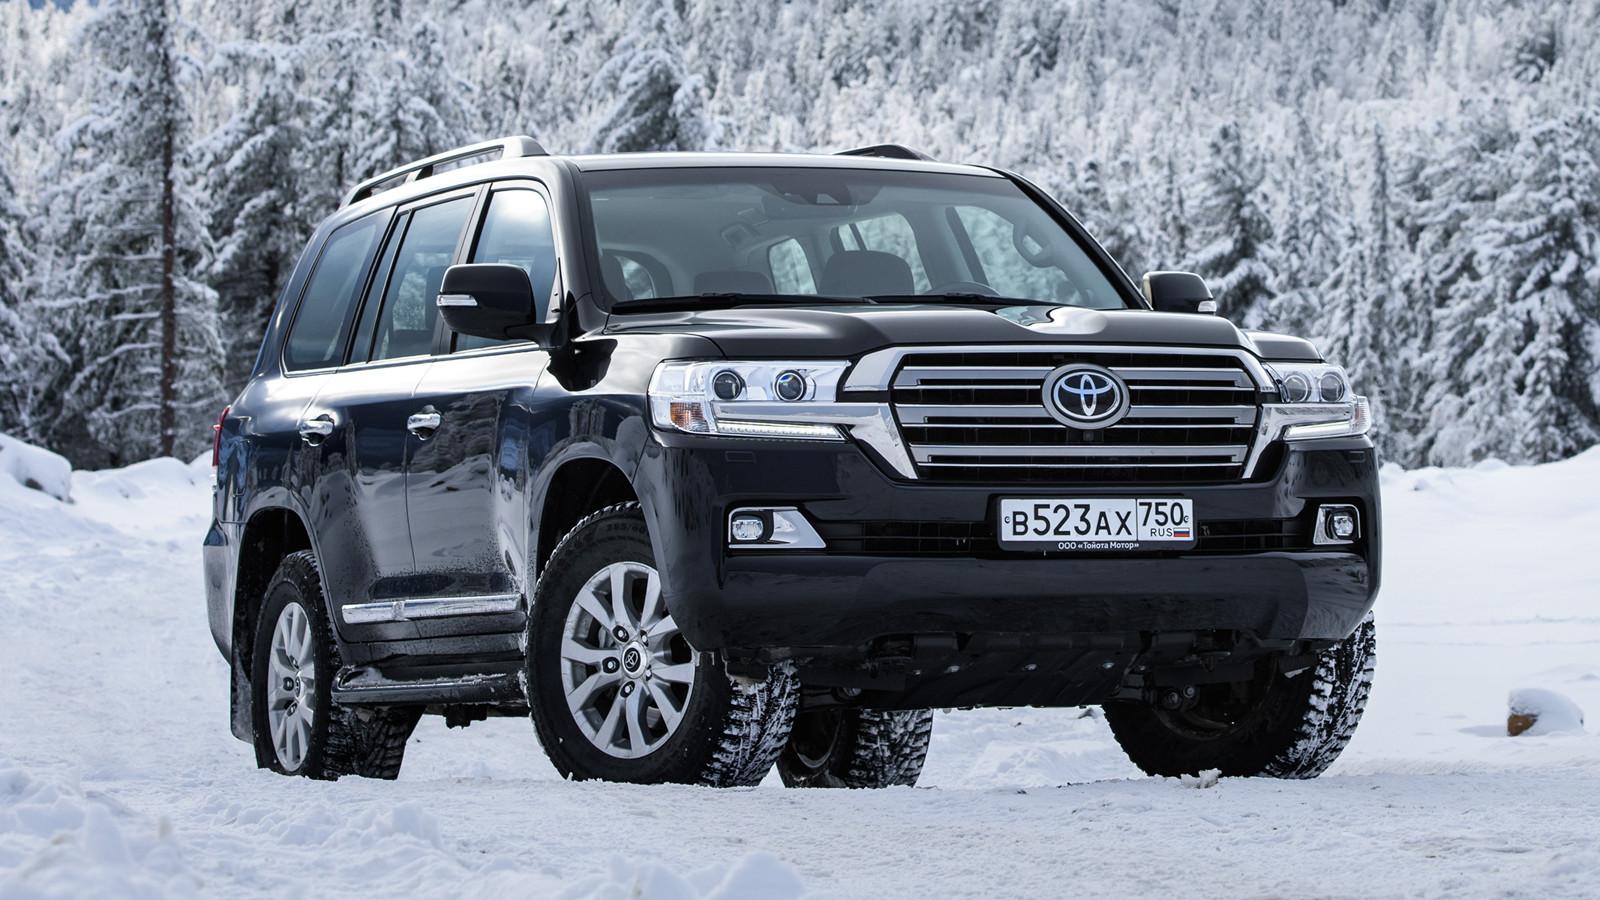 Самые дорогие машины в РФ - на далеком Востоке